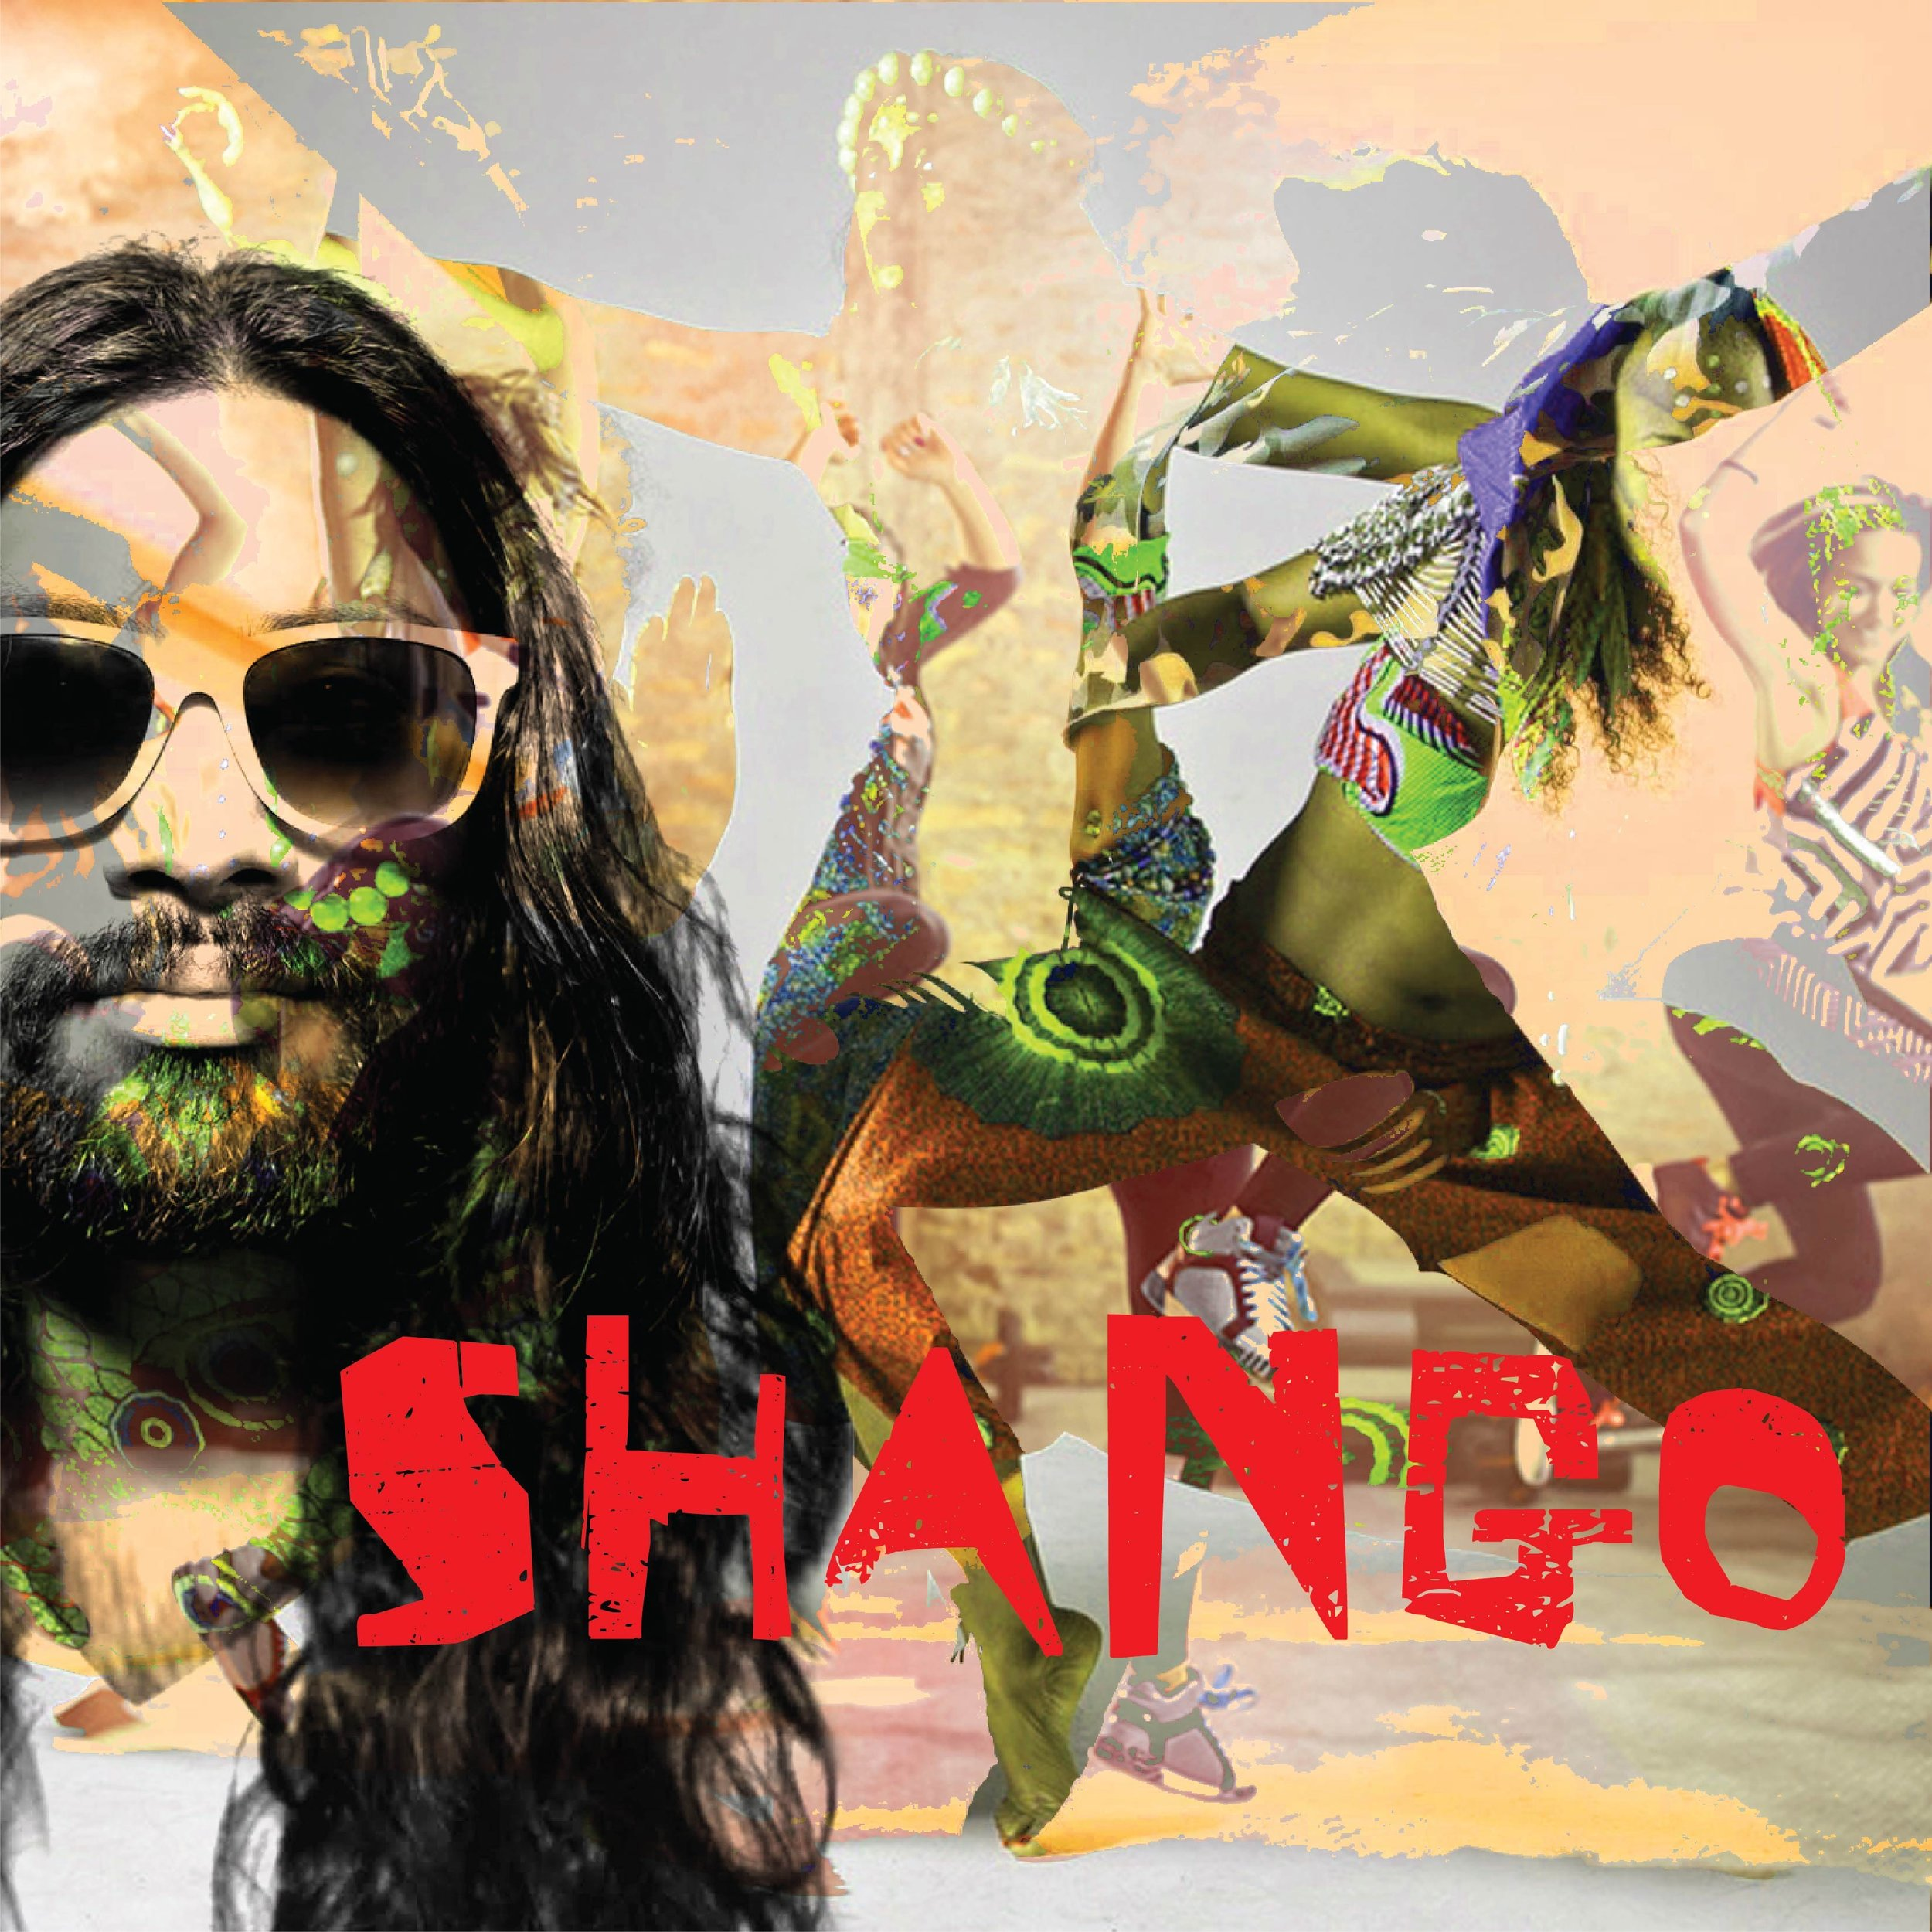 NEW-Shango-Collage-V3-01.jpg